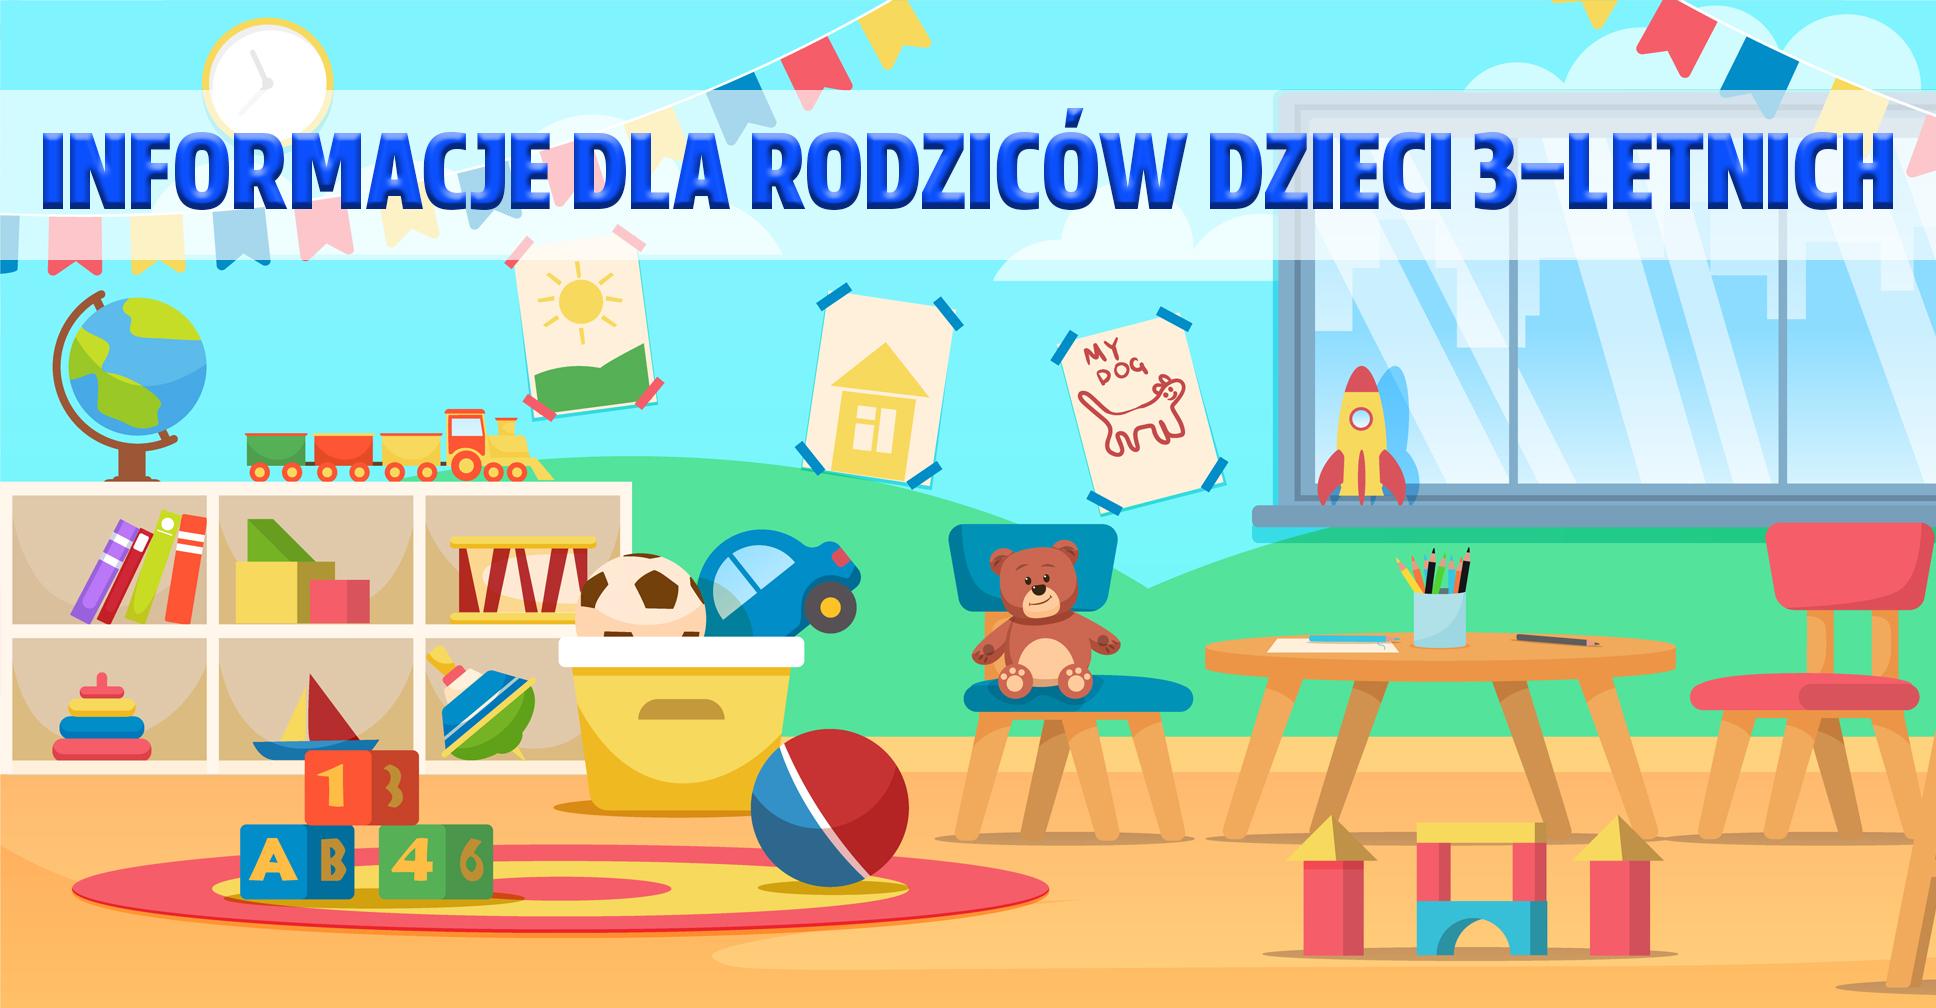 Informacja dla rodziców dzieci 3-letnich